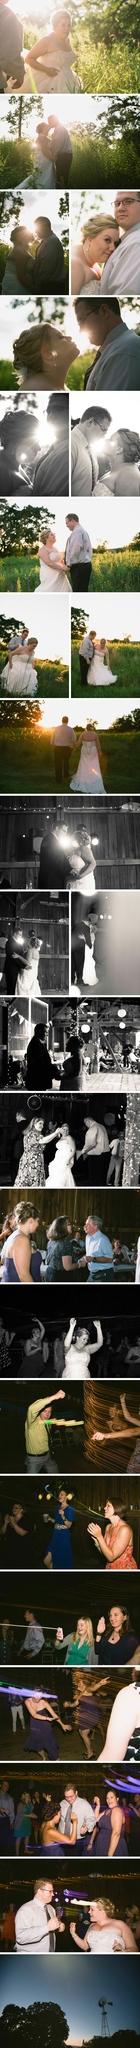 Minneapolis Wedding Photos